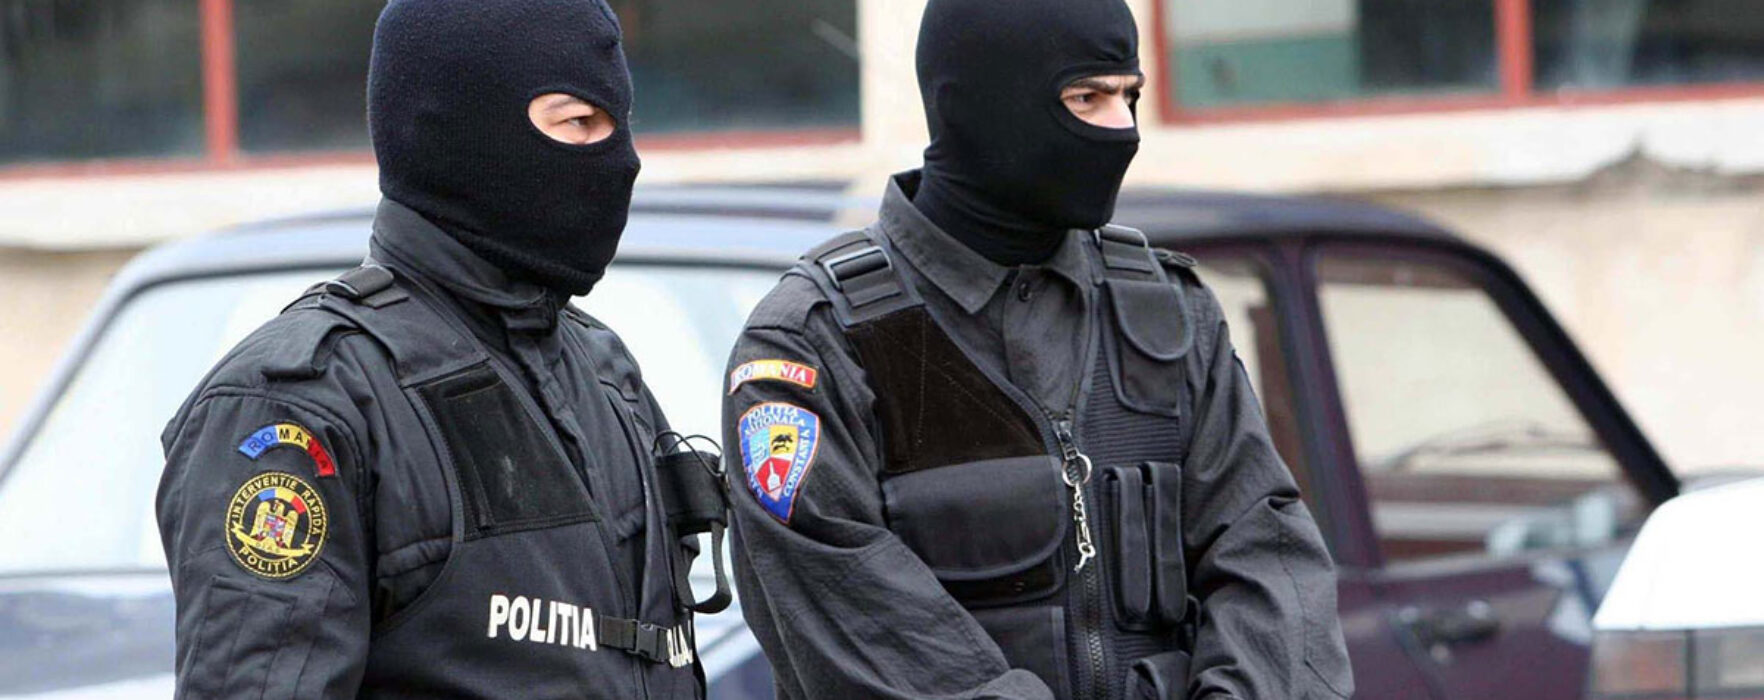 Percheziţii în Târgovişte la persoane bănuite de comiterea infracţiunilor de lipsire de libertate, şantaj şi cămătărie